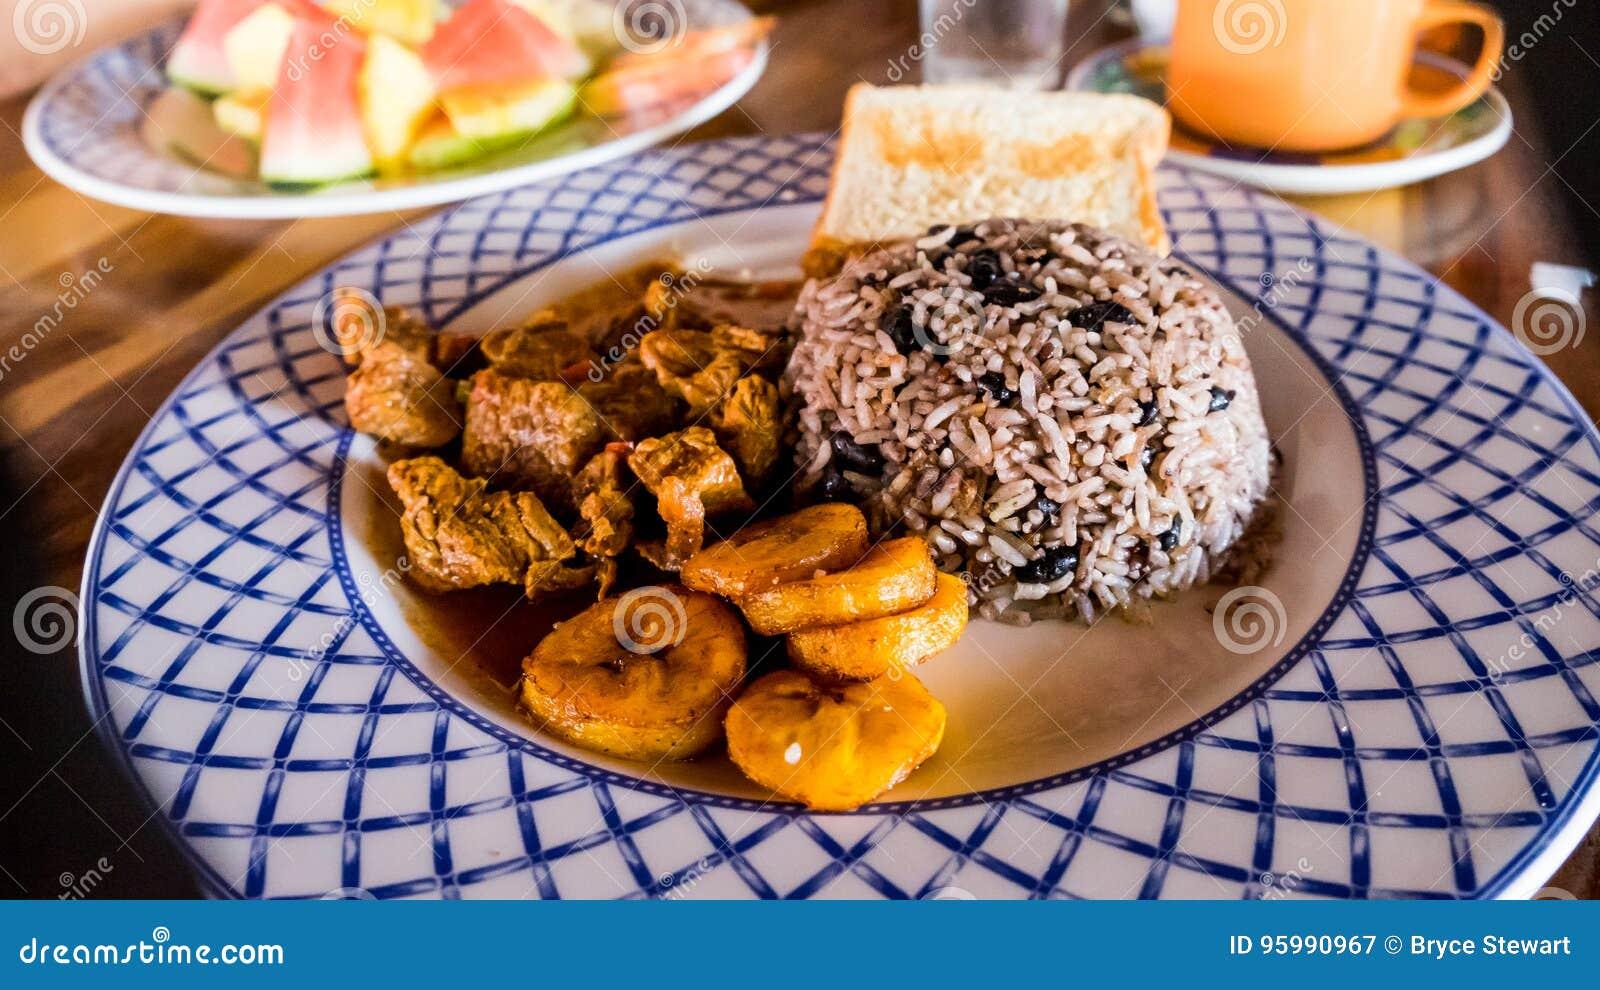 Déjeuner Gallo Pinto Rice de petit déjeuner de Costa Rica Food Tico Meal Dinner et plantain de haricots